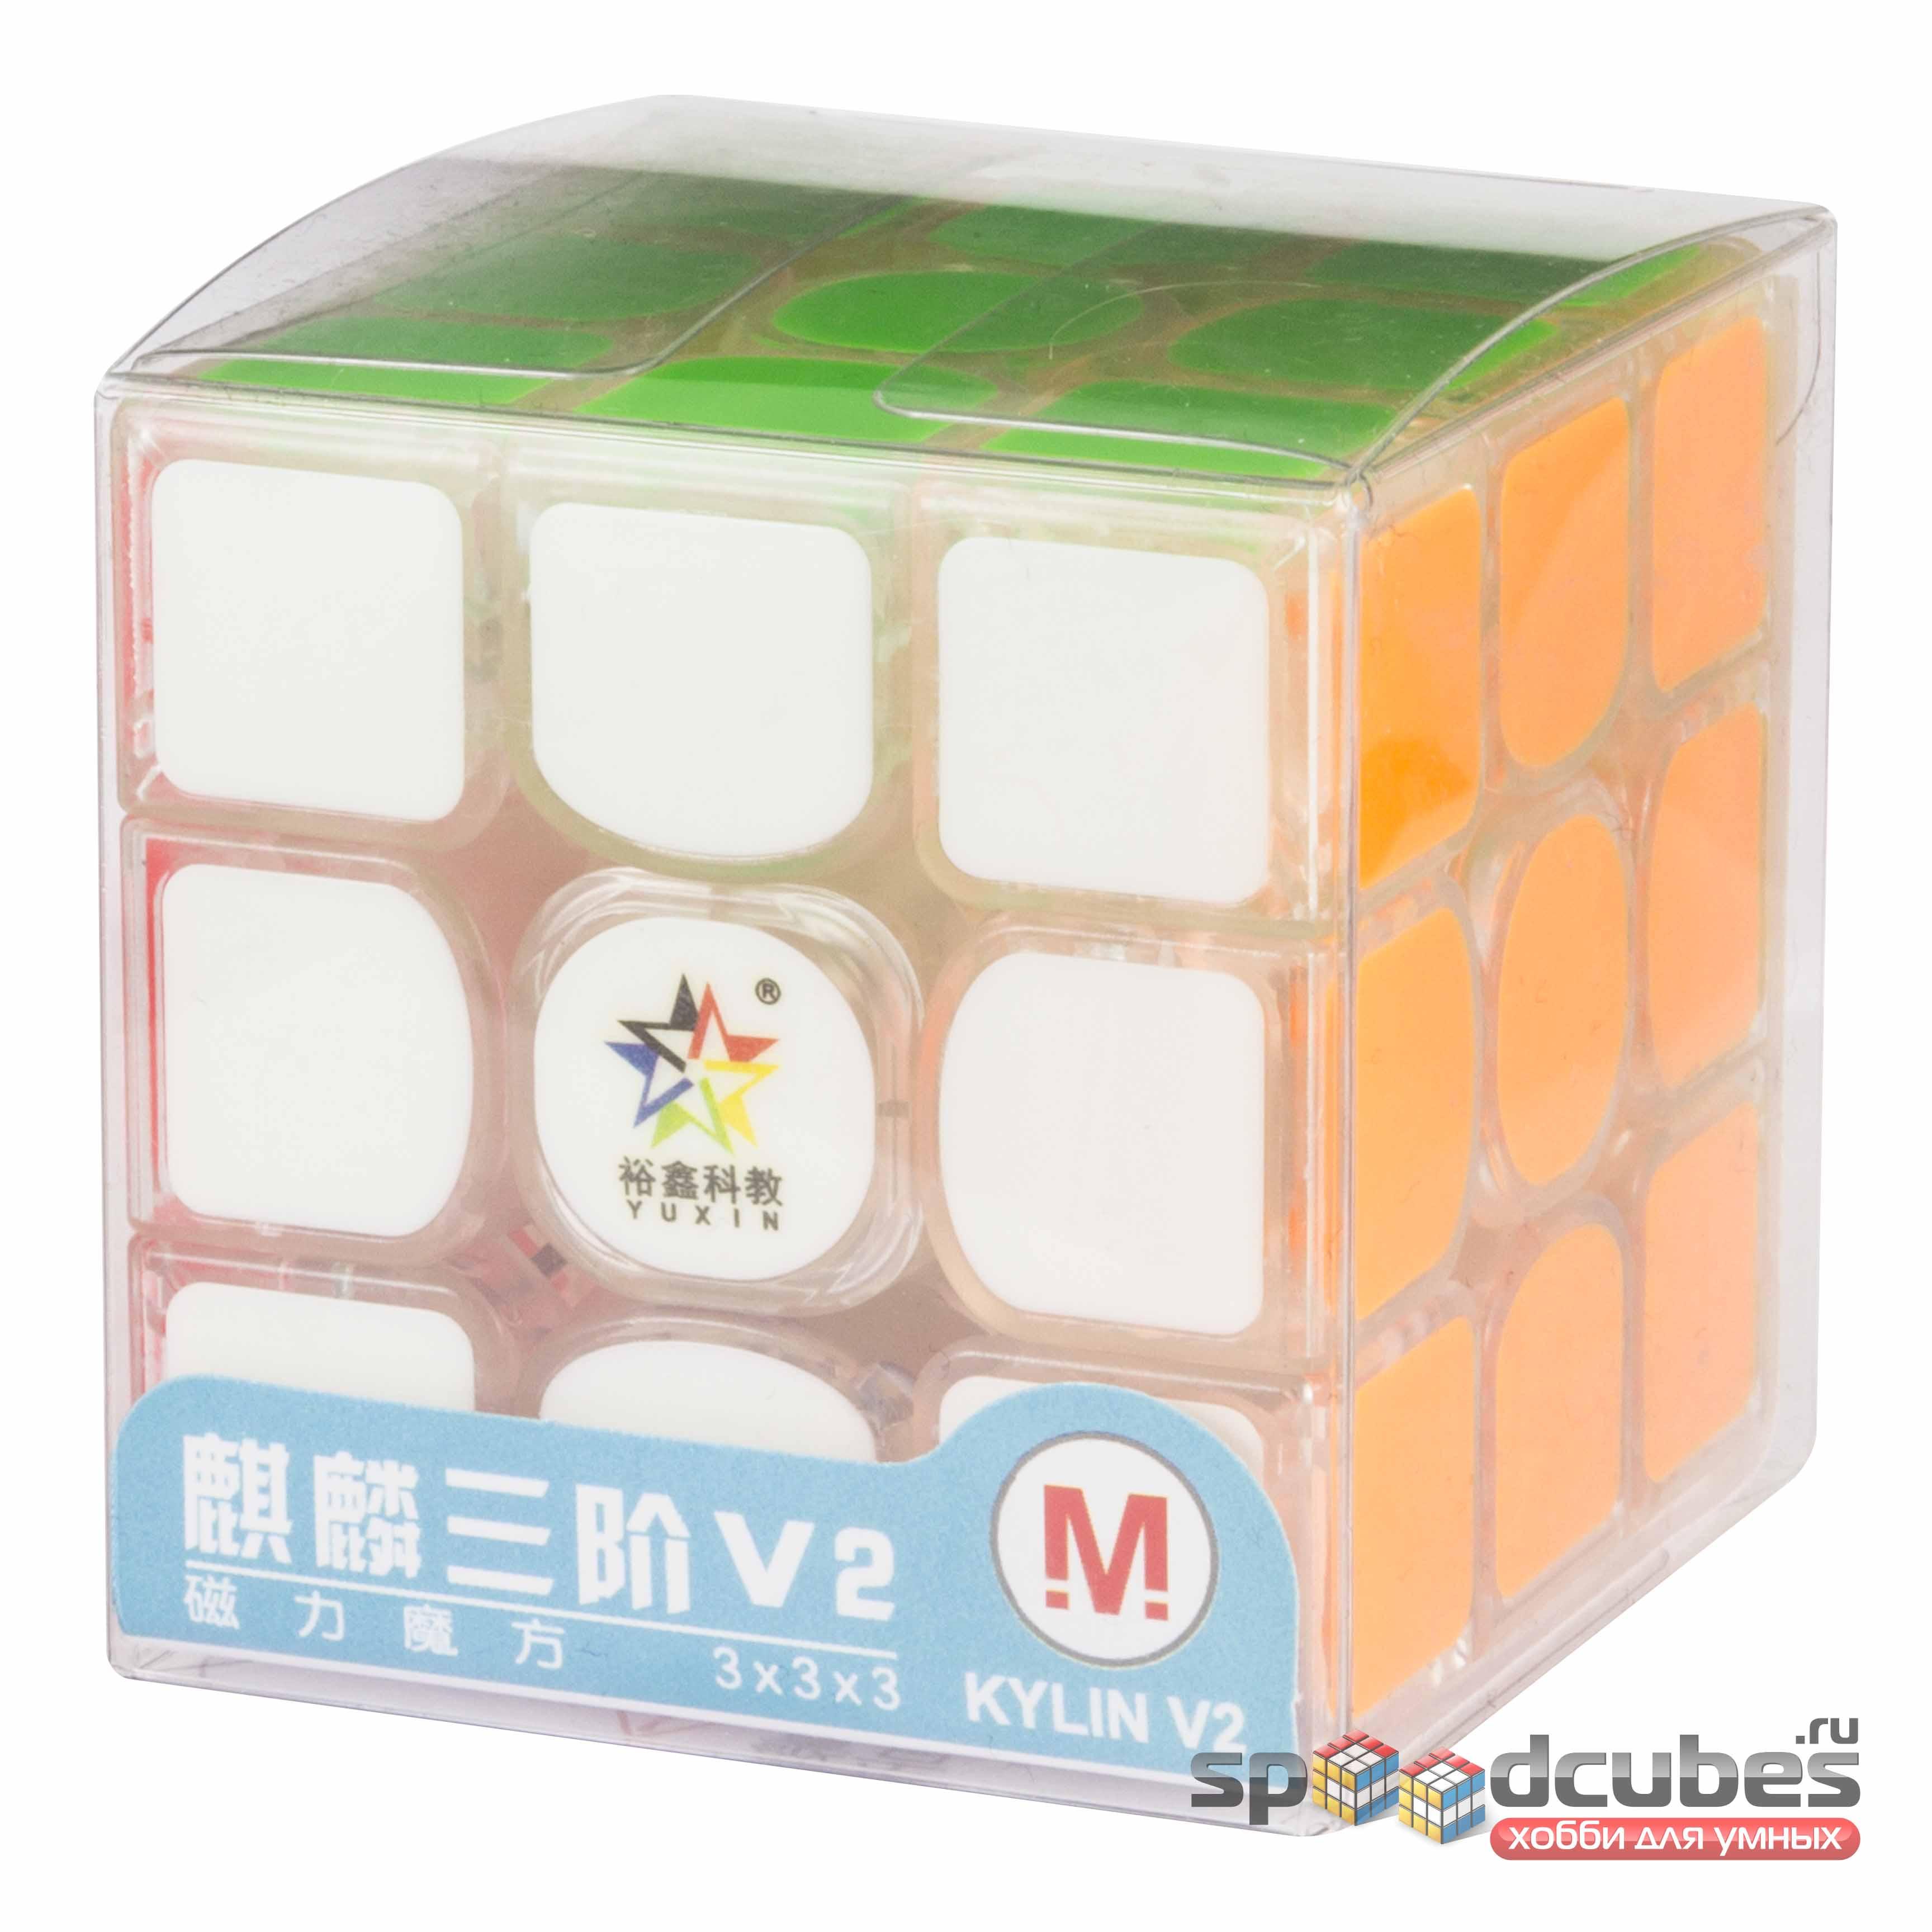 Yuxin 3x3x3 Kylin V2 M Transparent 1